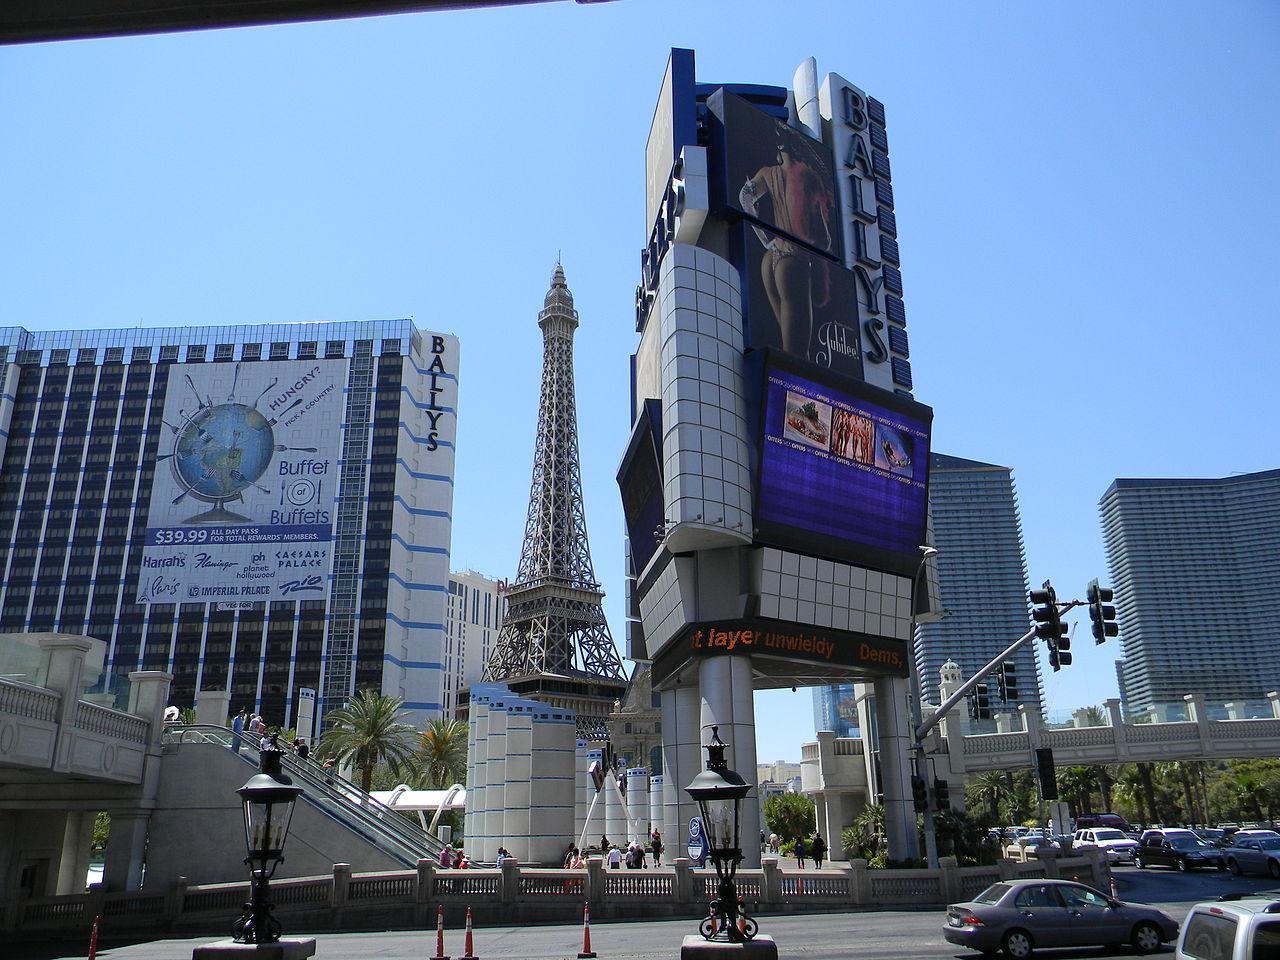 Paris Hotel Las Vegas Description